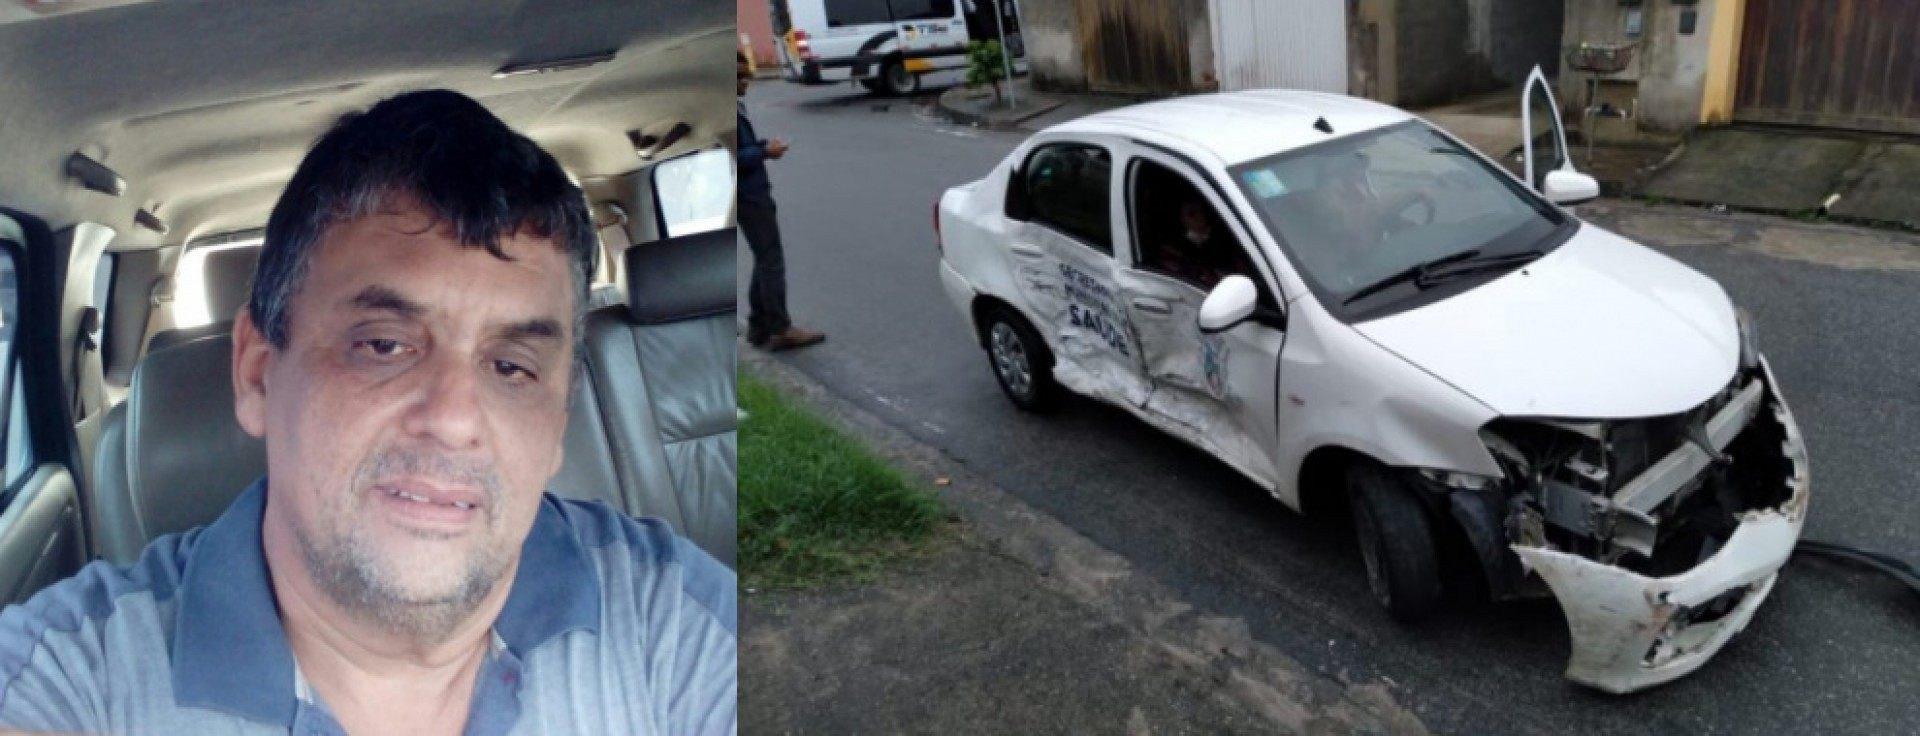 Assessor da prefeitura de Rio das Ostras que dirigia carro envolvido em acidente não tem permissão para dirigir o veículo